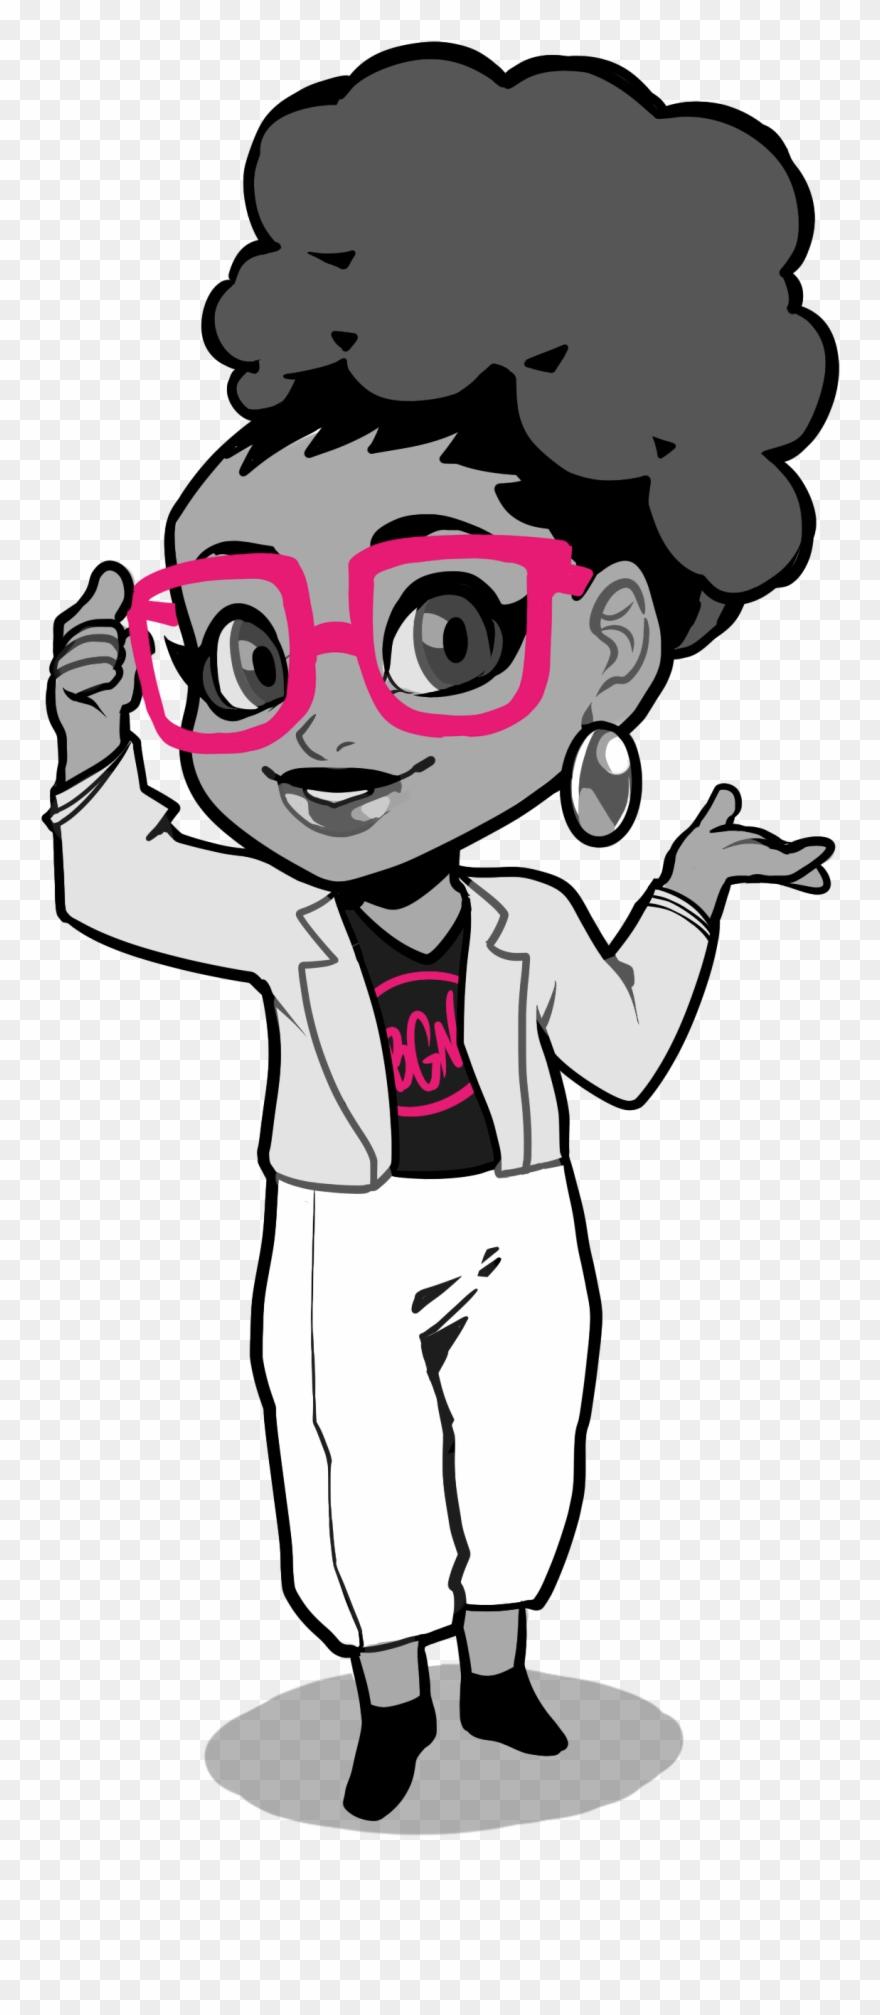 Black girl with sunglasses clipart jpg black and white stock 1 - Black Girl Nerds Logo Clipart (#809498) - PinClipart jpg black and white stock